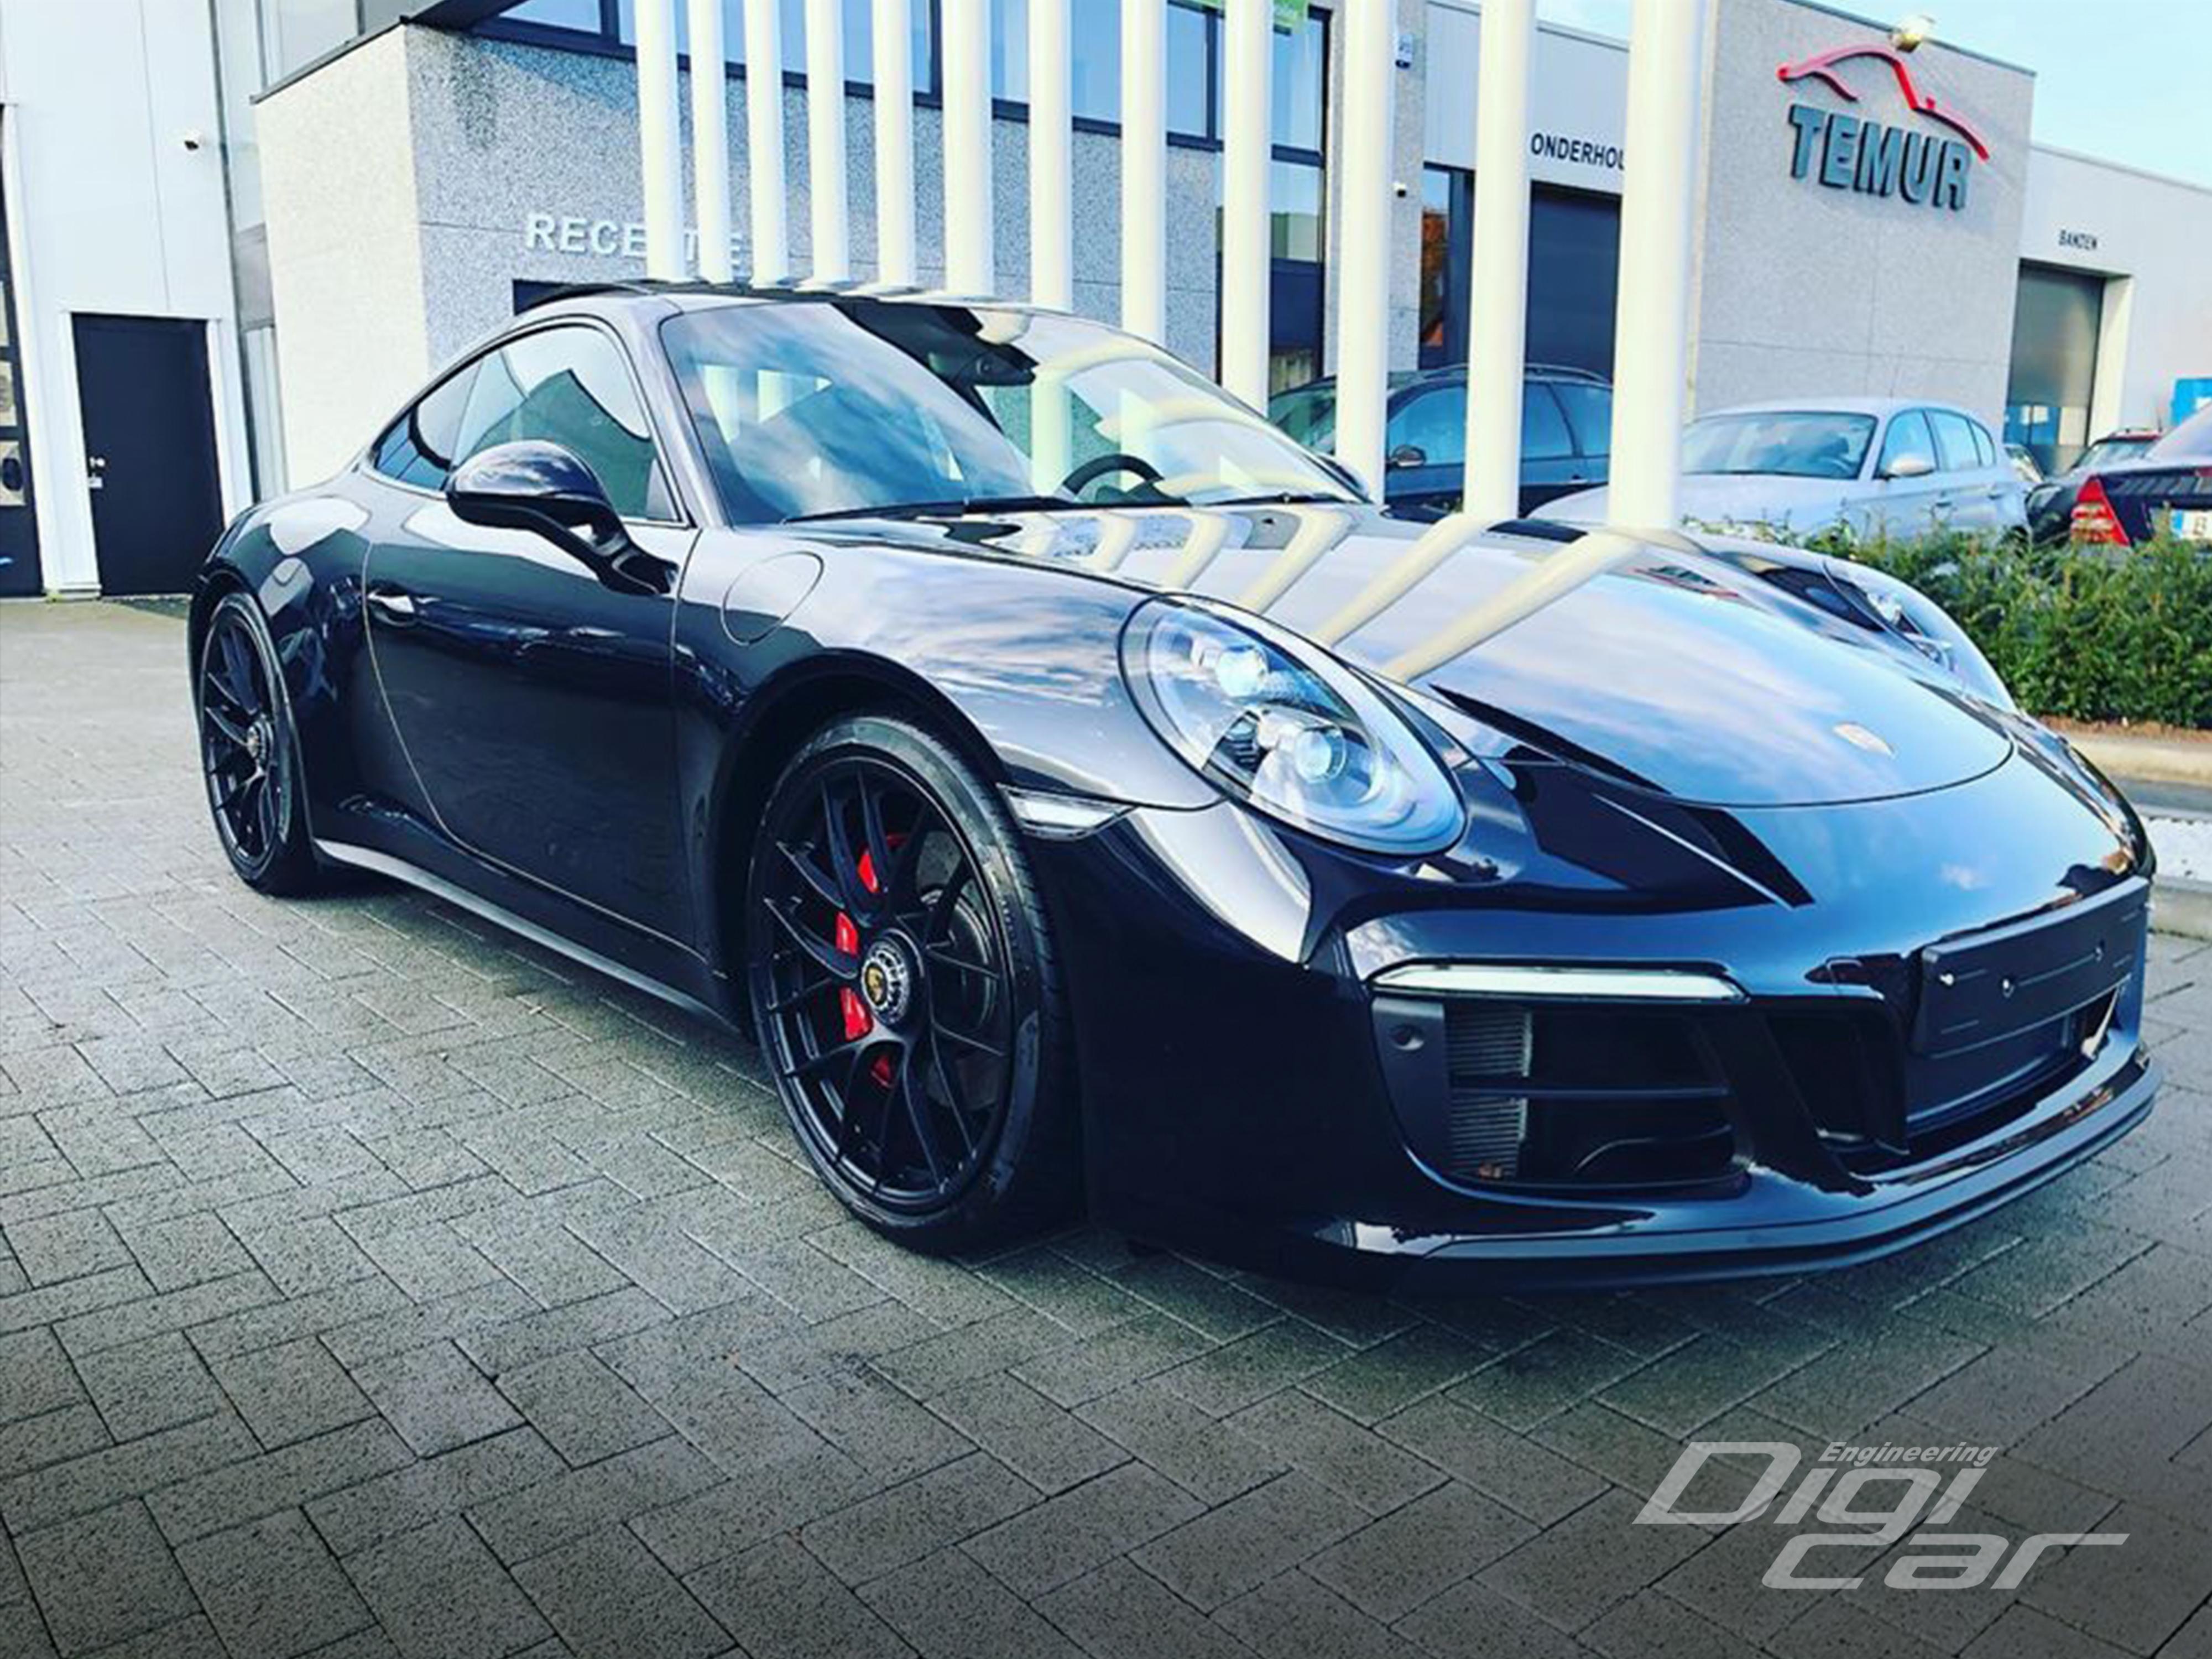 Porsche-GTS-garage-temur.jpg